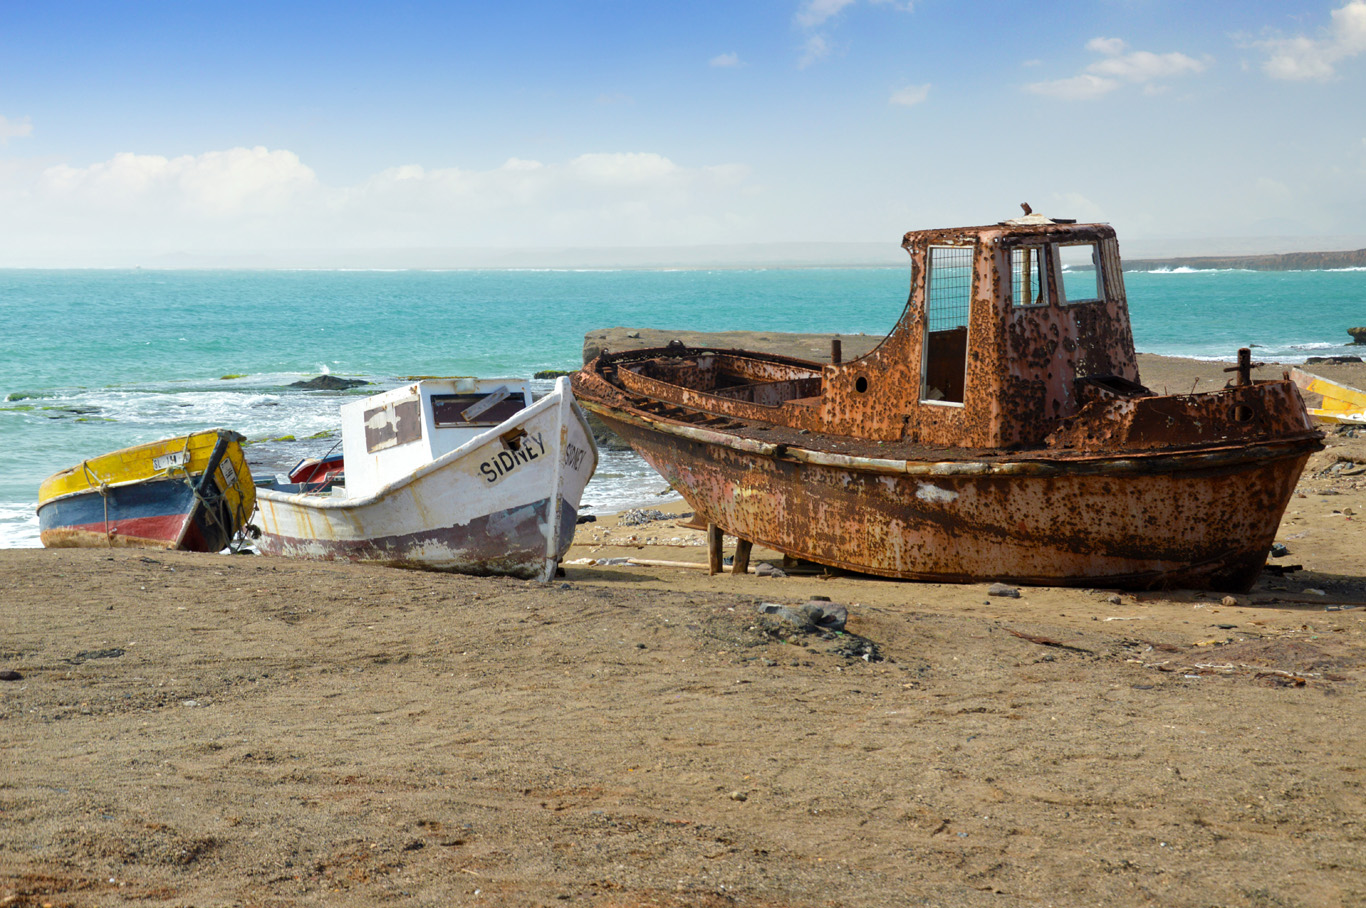 Shipwrecks near the salinas